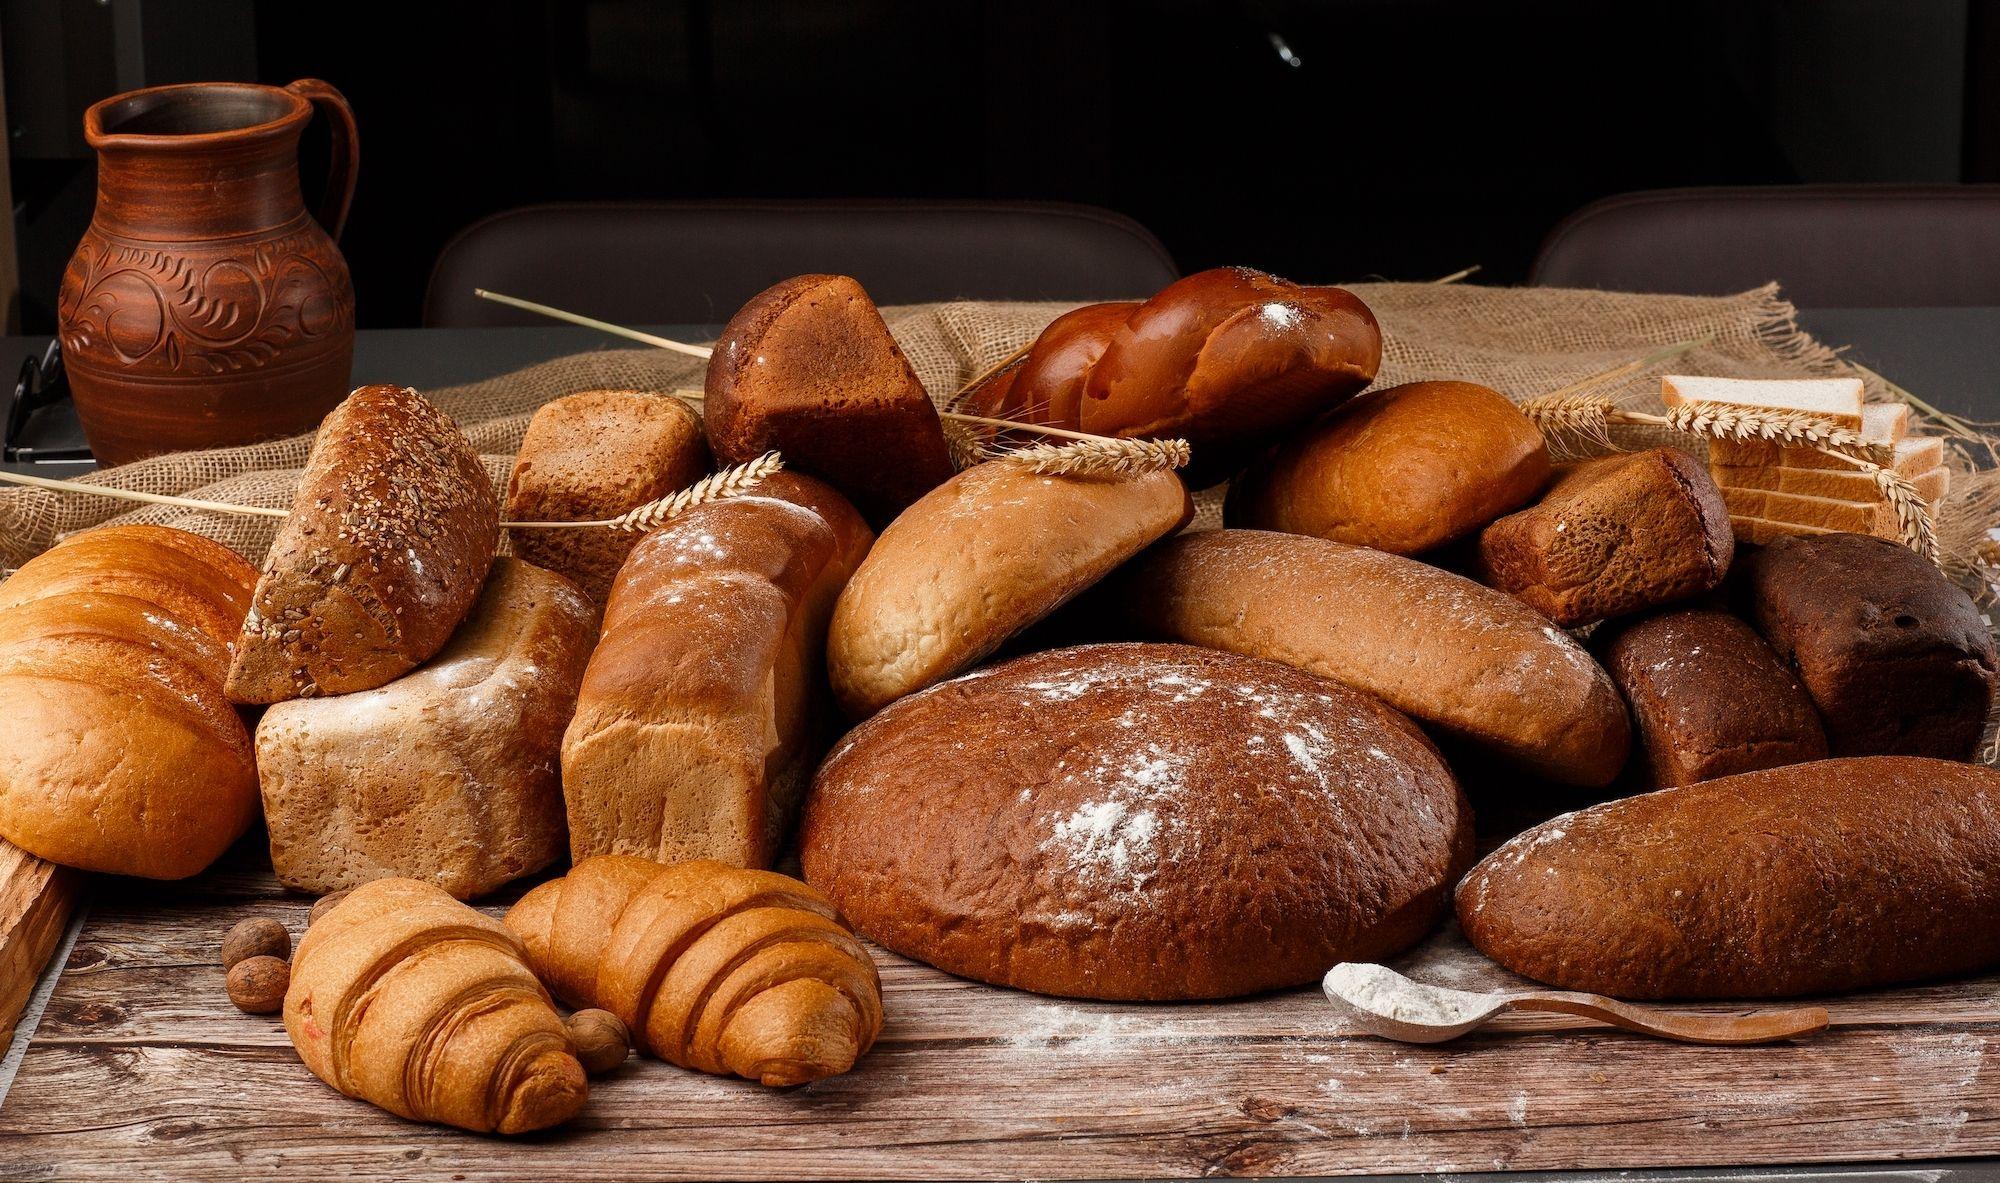 Goudbruin brood rotterdam bakker neuro chirurg baan werk ondernemen bakkerij